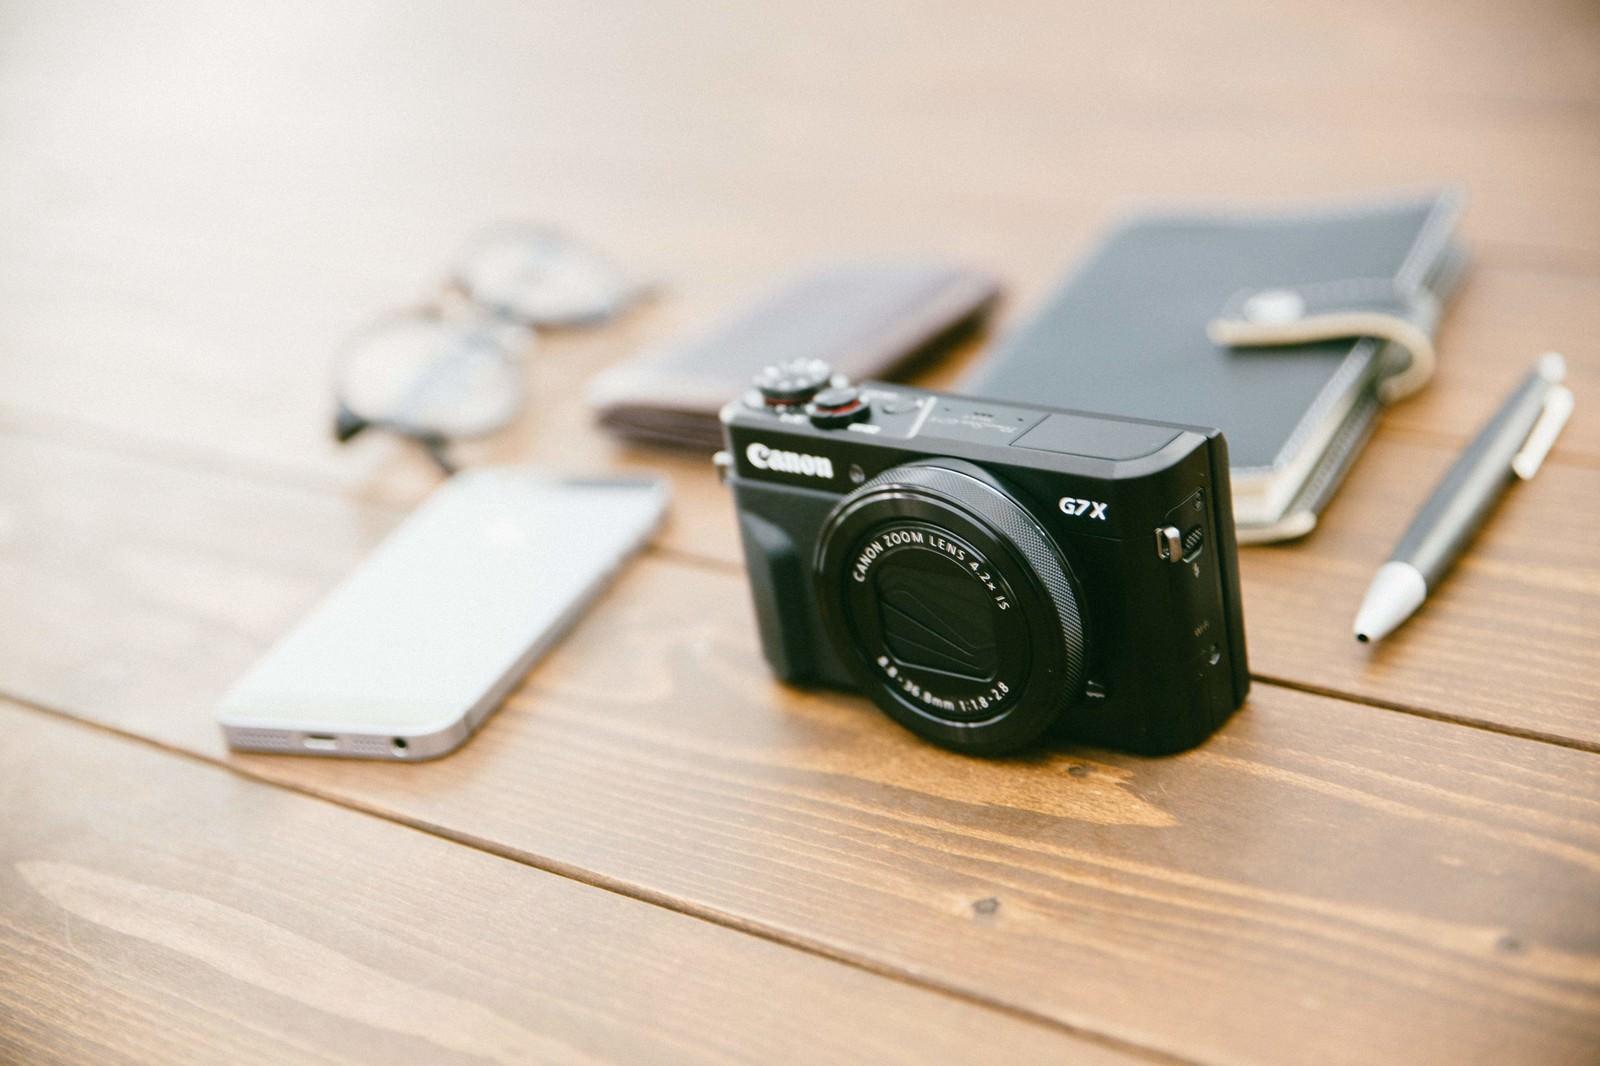 「私の取材道具(カメラとメモ帳)」の写真